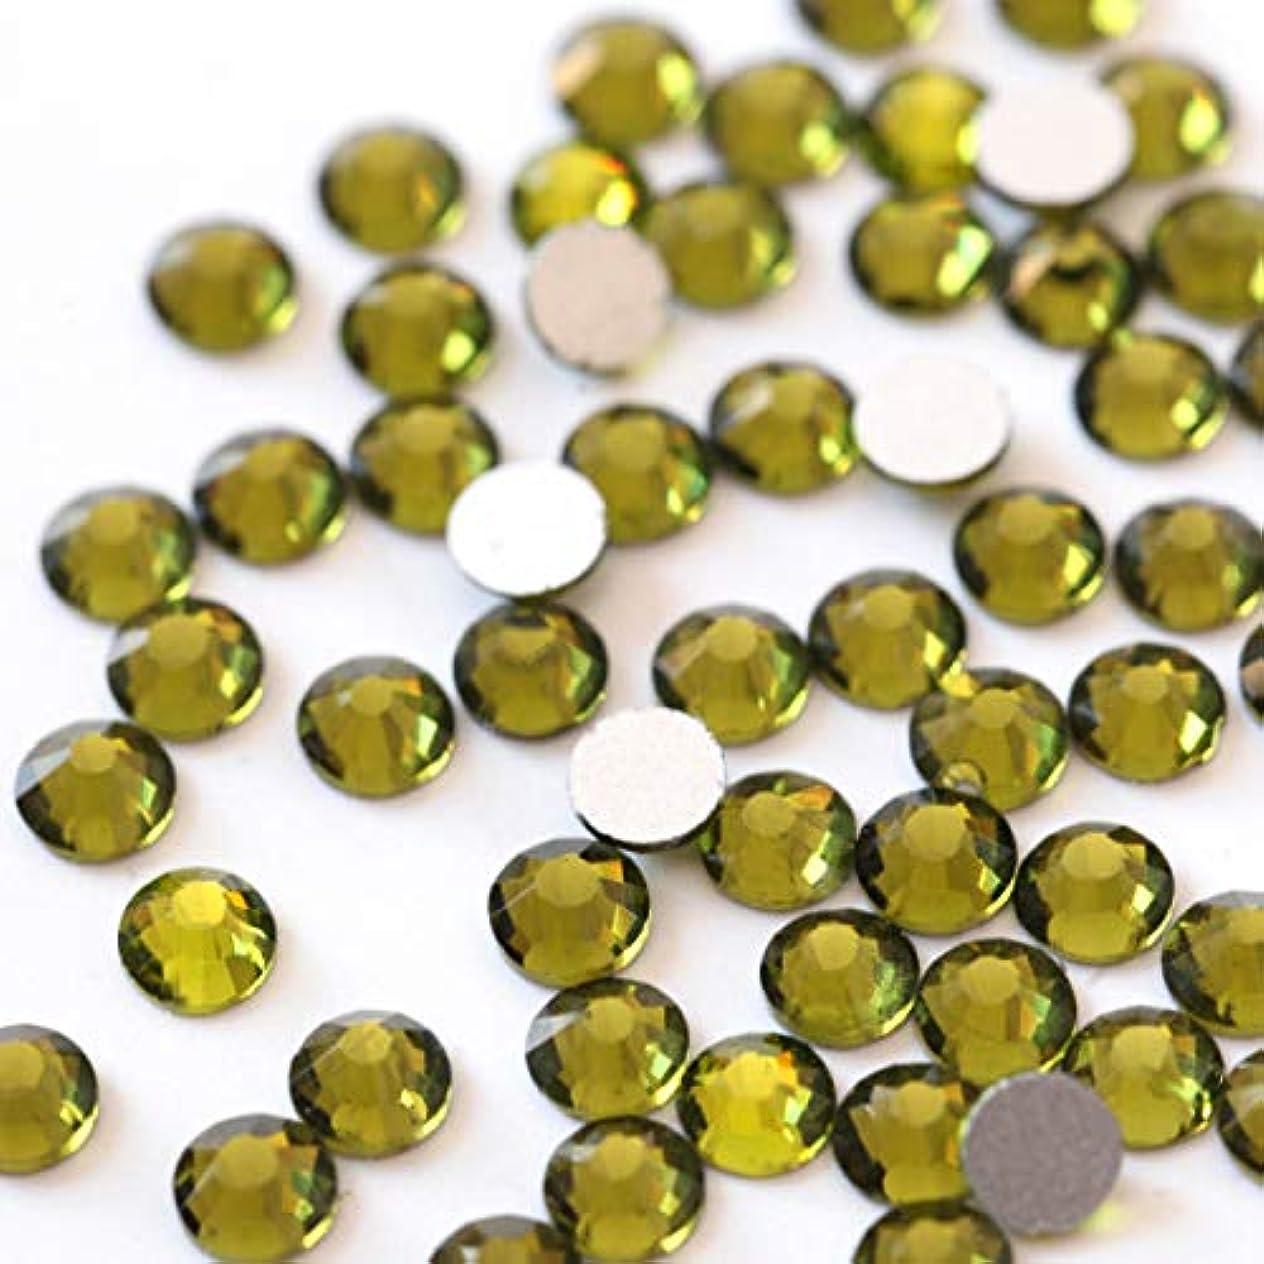 取り消す写真有利【ラインストーン77】高品質ガラス製ラインストーン オリーブ(2.2mm (SS8) 約200粒)